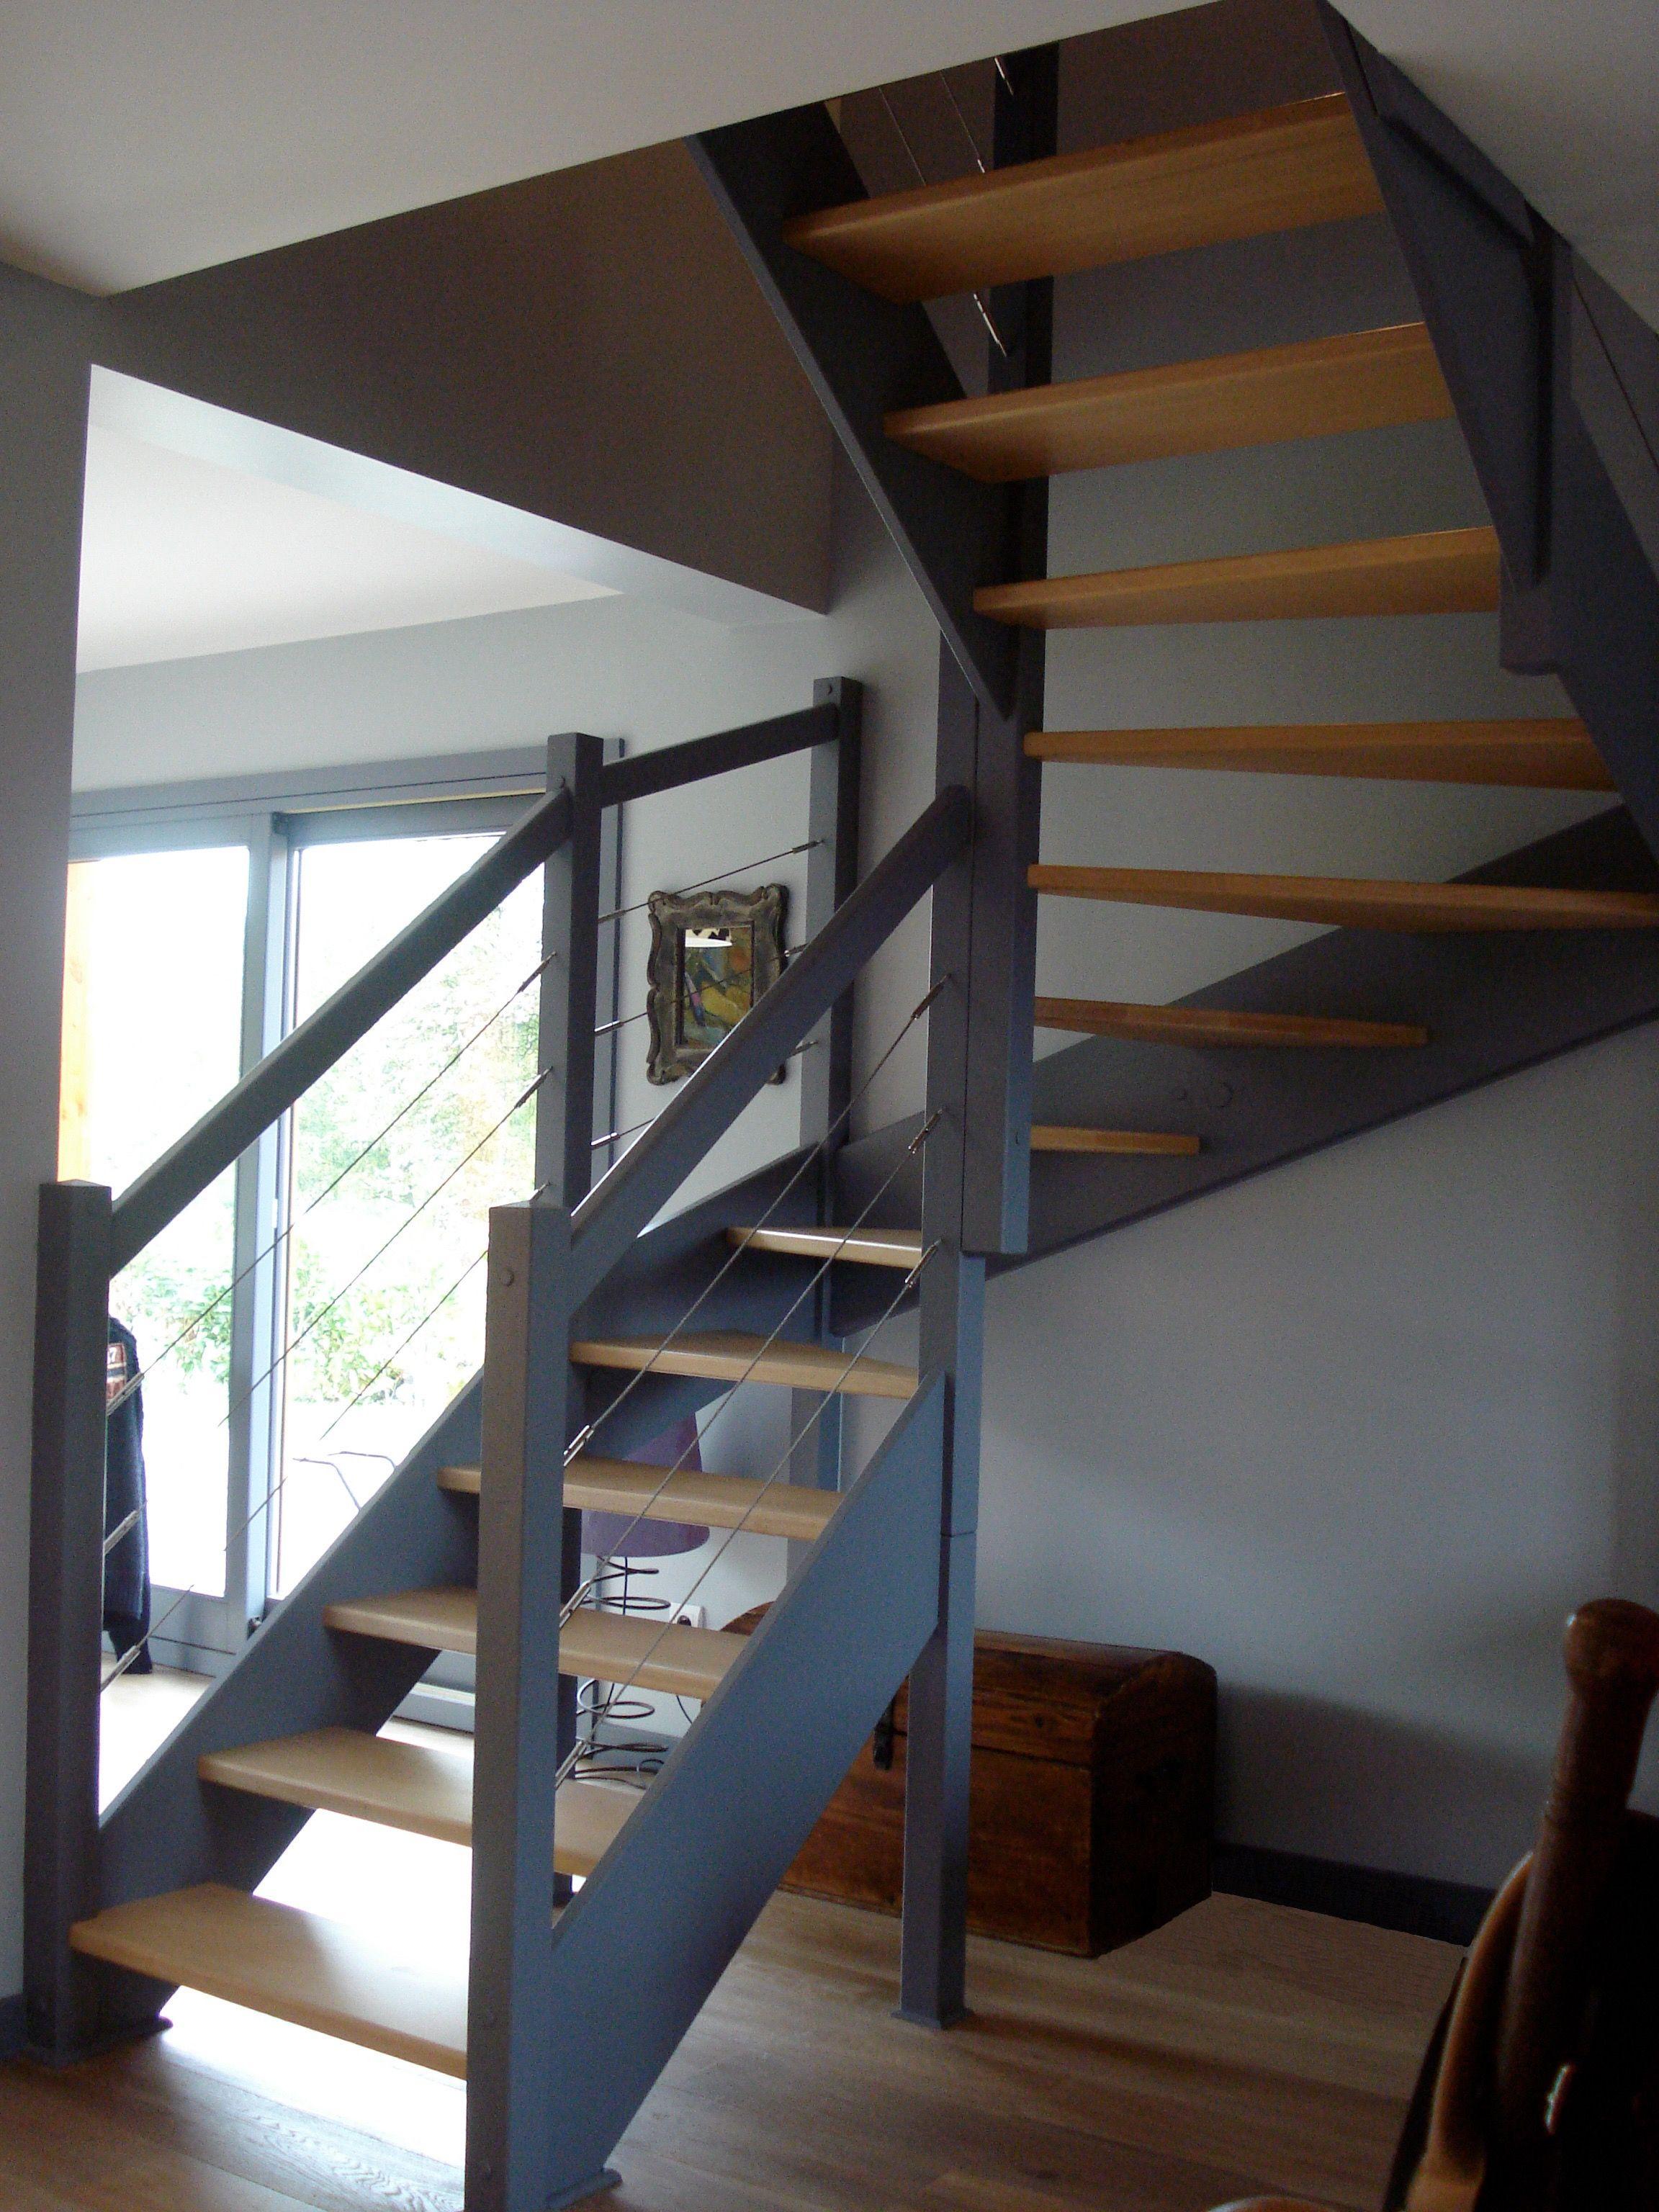 Escalier Bois Contre Marche Grise Escalier Bois Escalier Relooking Renovation Escalier Bois